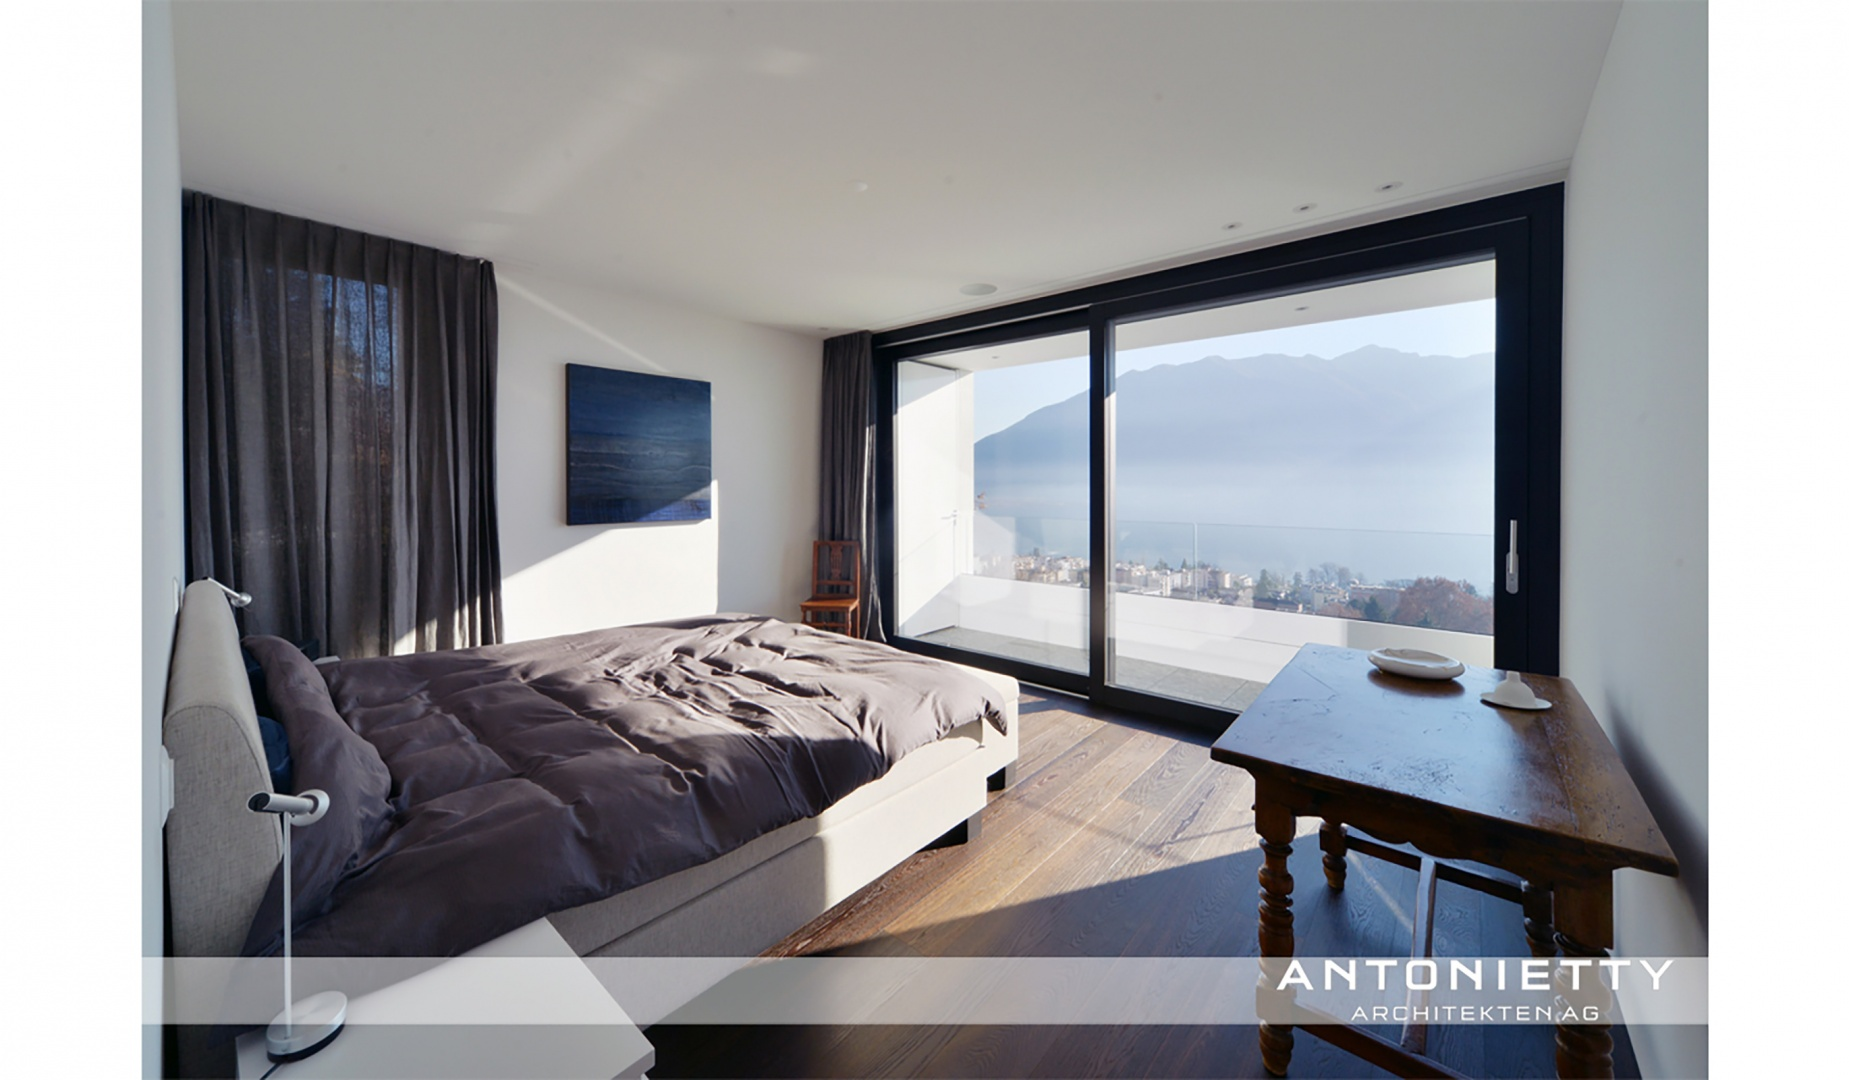 Schlafzimmer © Carlos Antonietty, Antonietty Architekten AG, Bürgenstrasse 23, 6005 Luzern